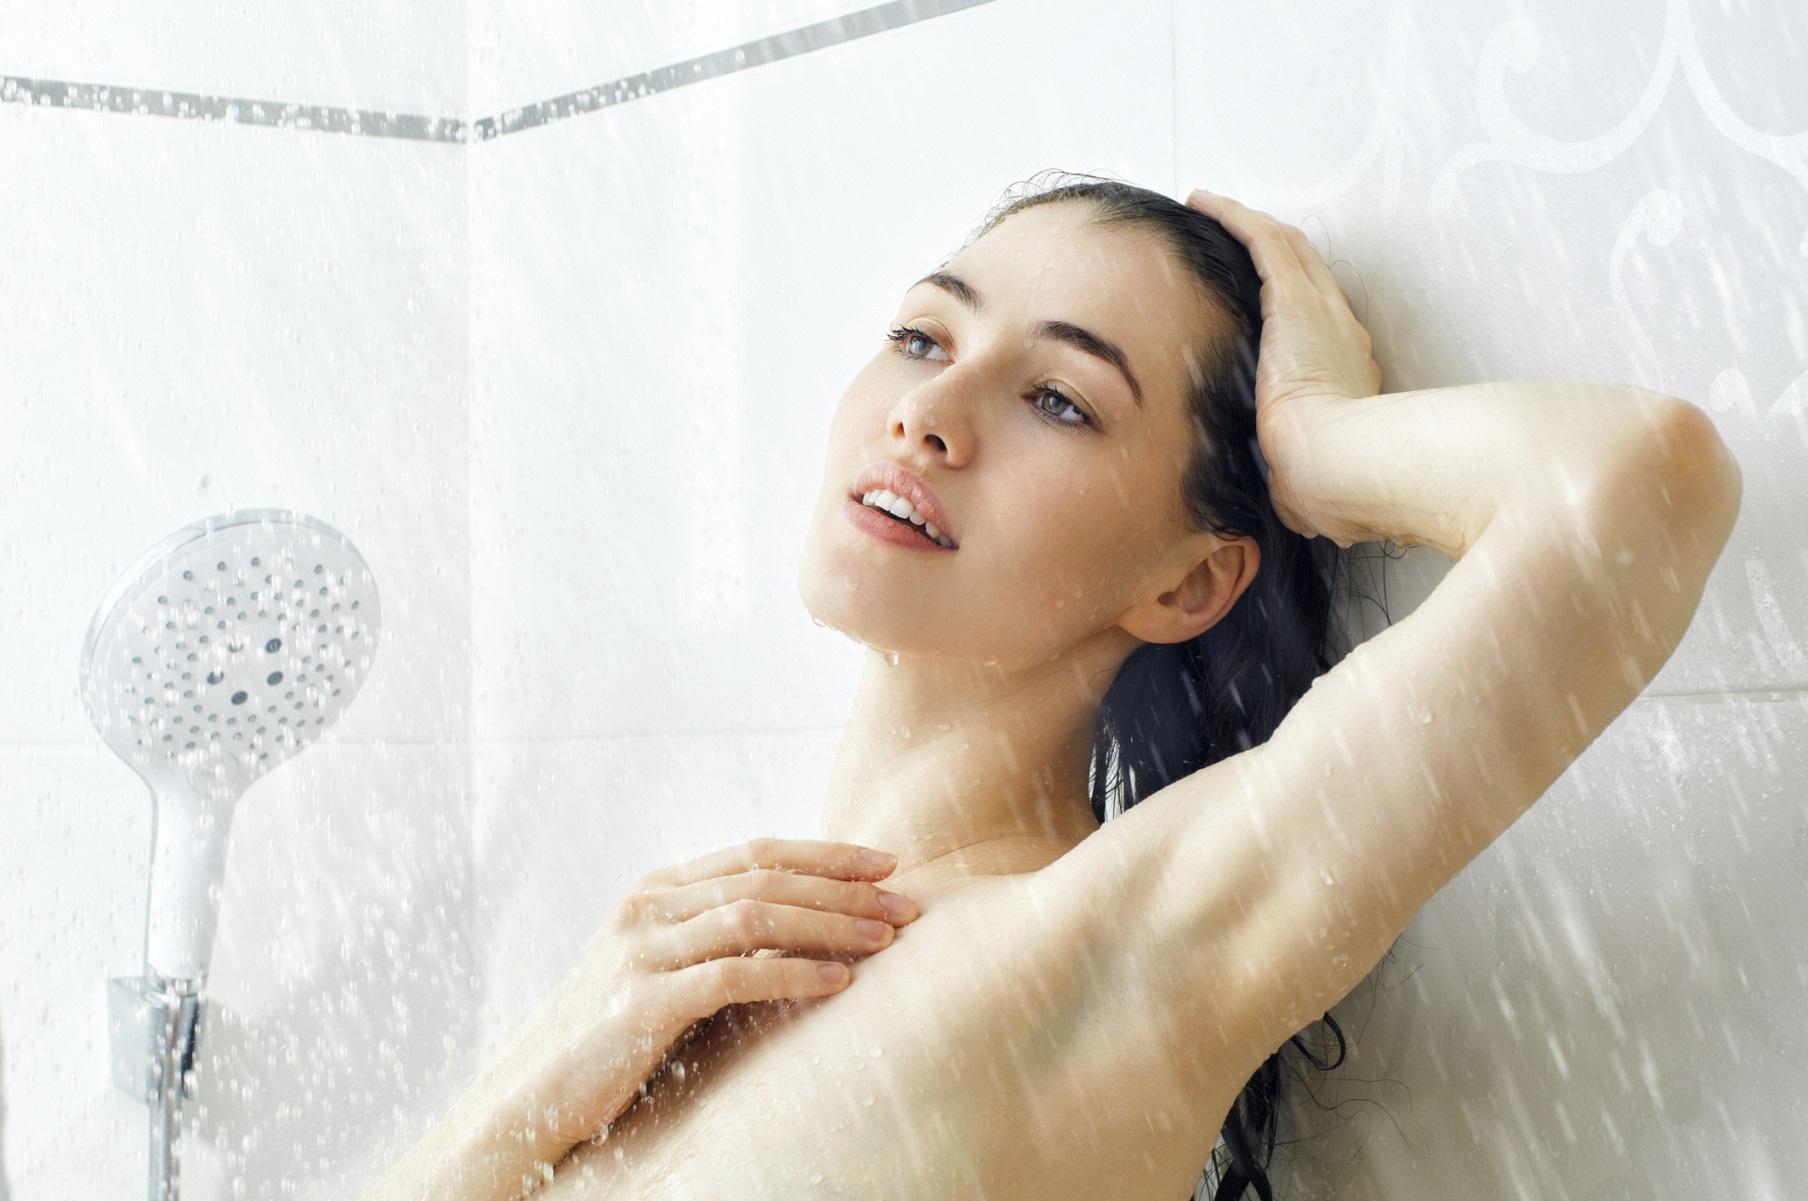 Brooke burke nude fakes